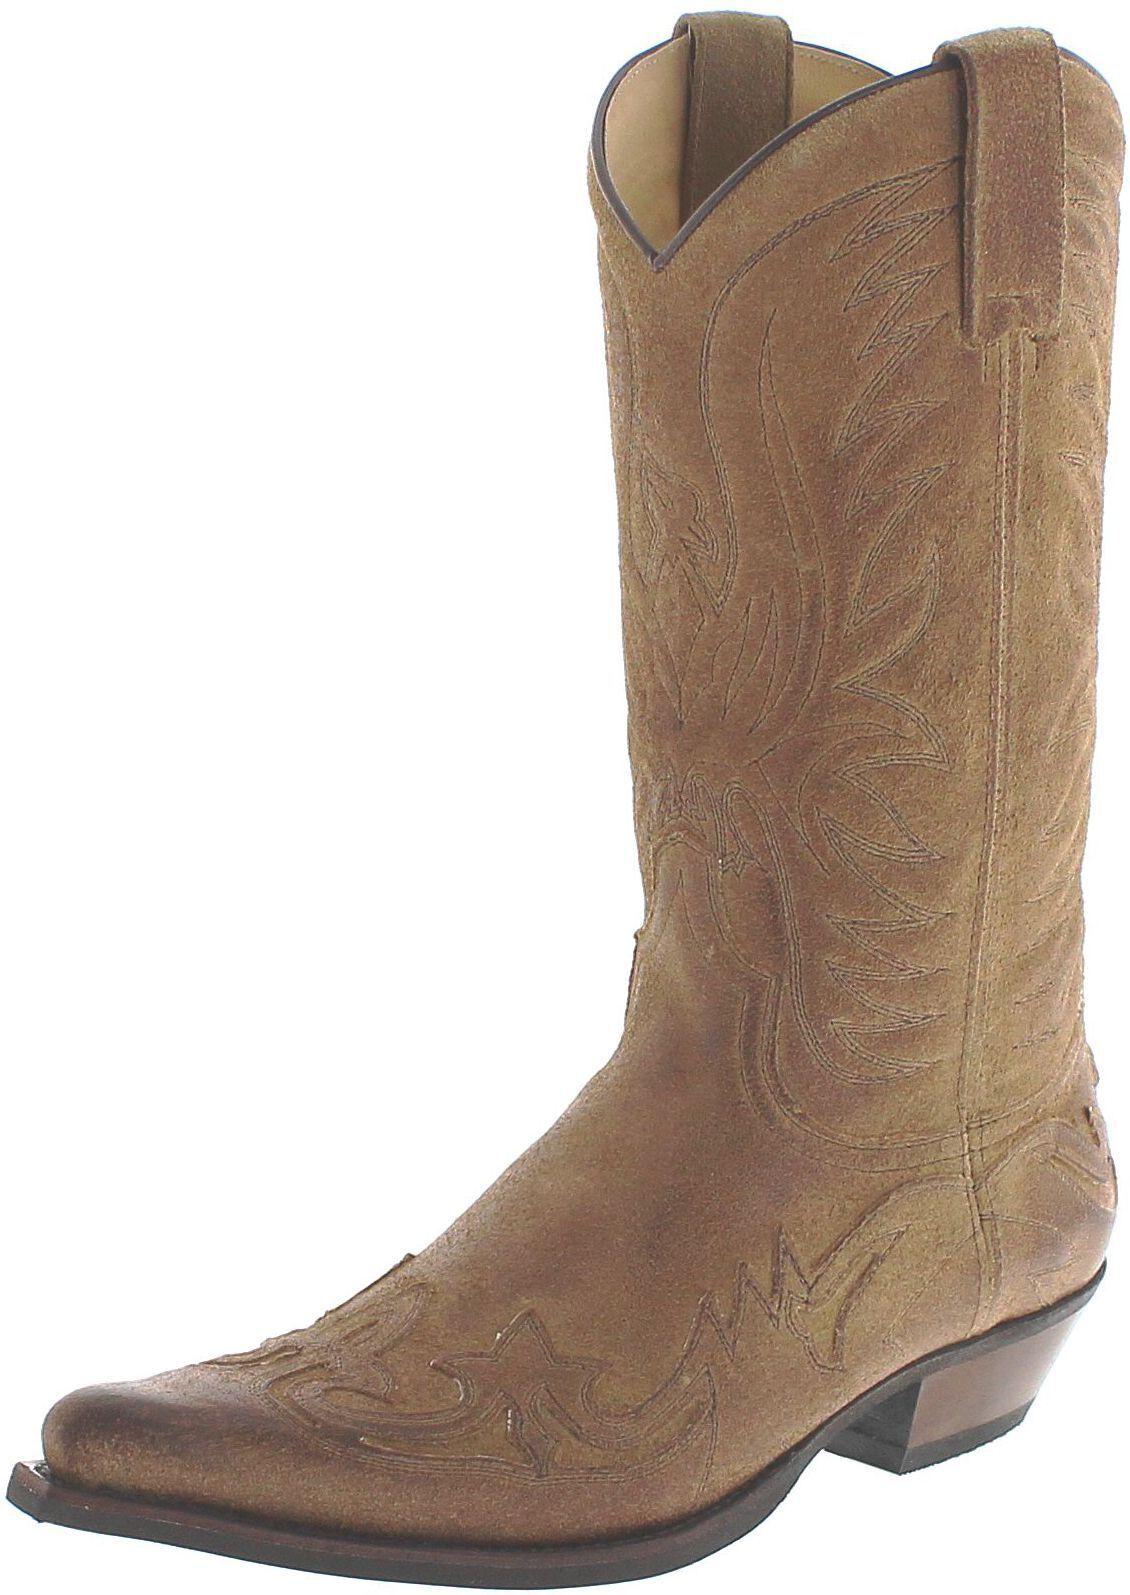 Fashion botas bu1005 afelpado noche Western botas para damas y caballeros marrón